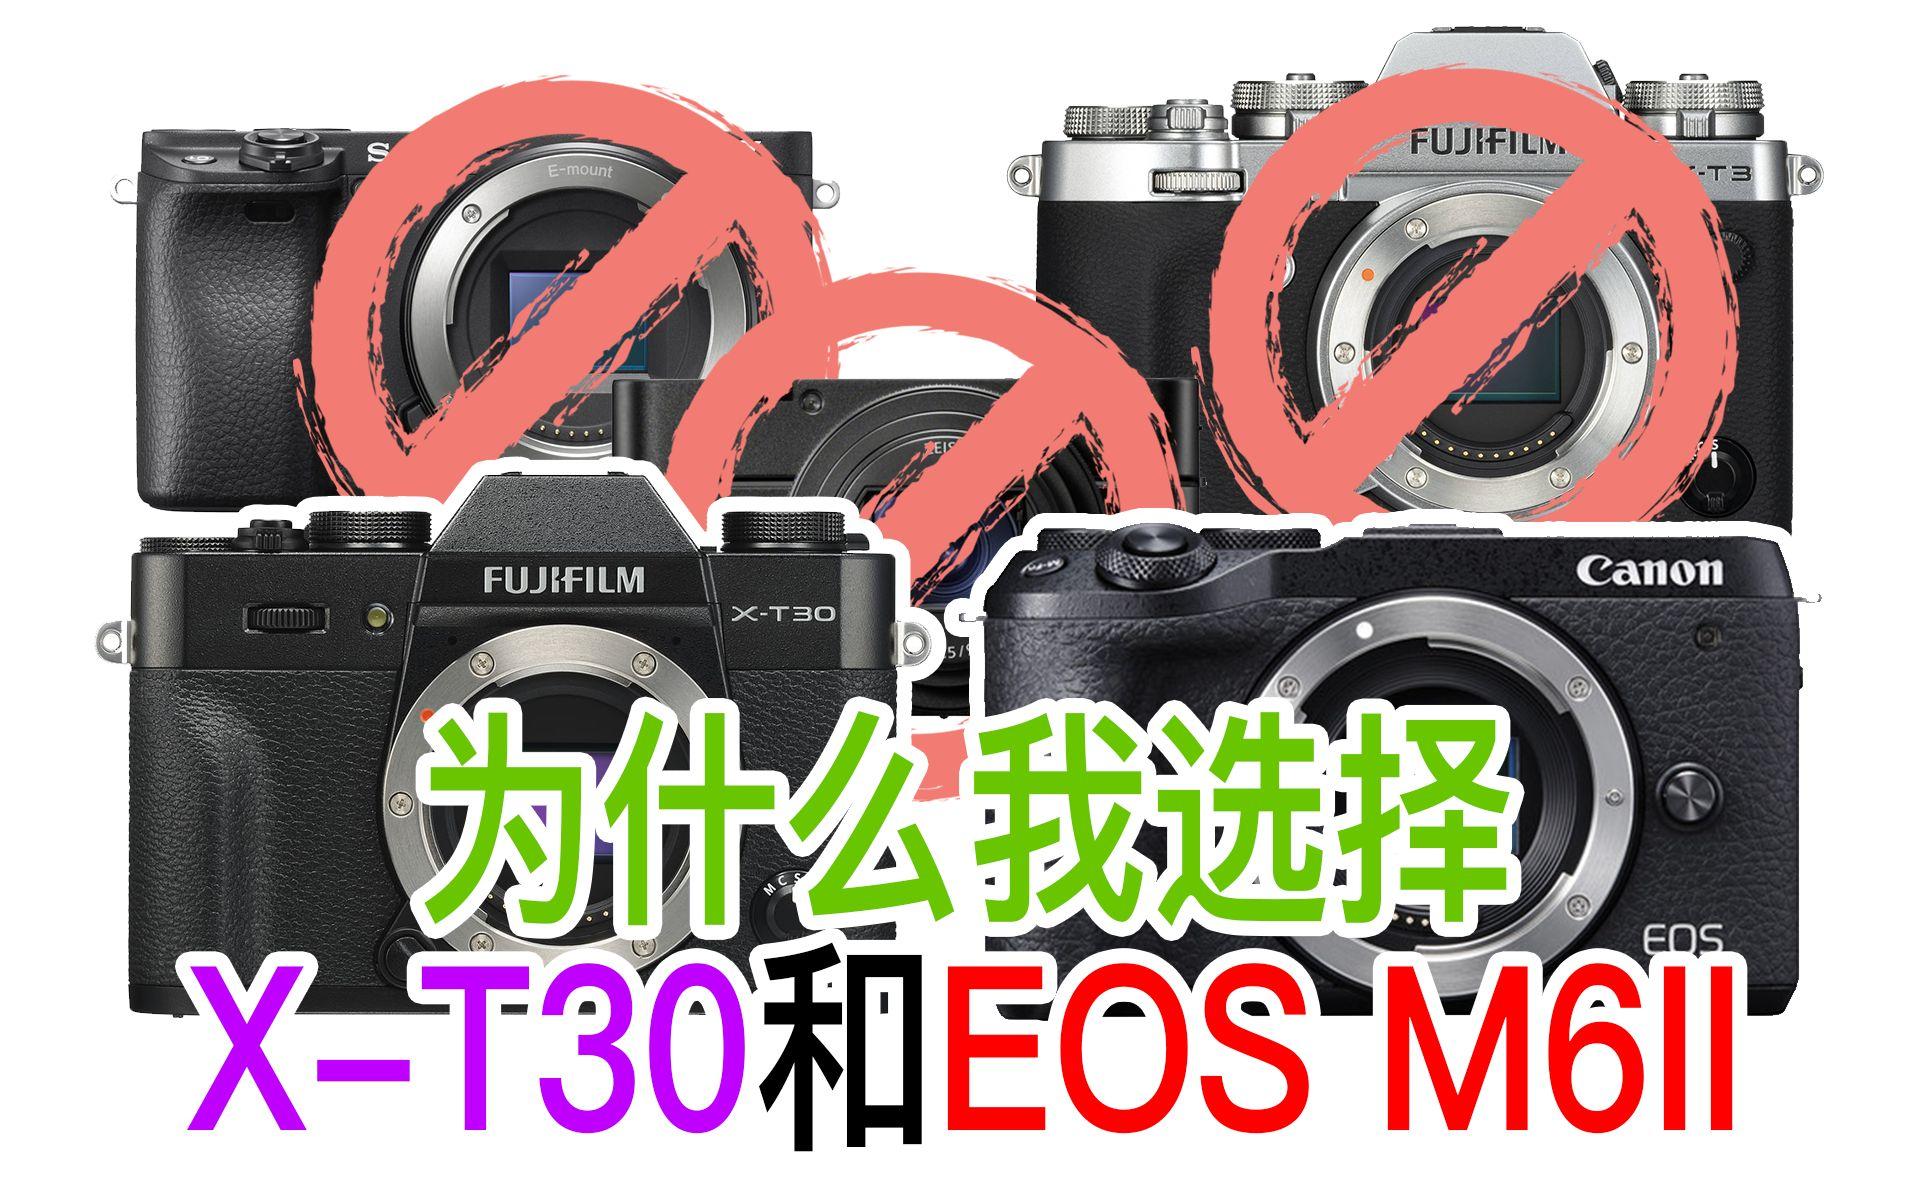 【布瞎BB】为什么我选择了富士X-T30和佳能EOS M6 II,而没购买富士X-T3、索尼A6400、RX100